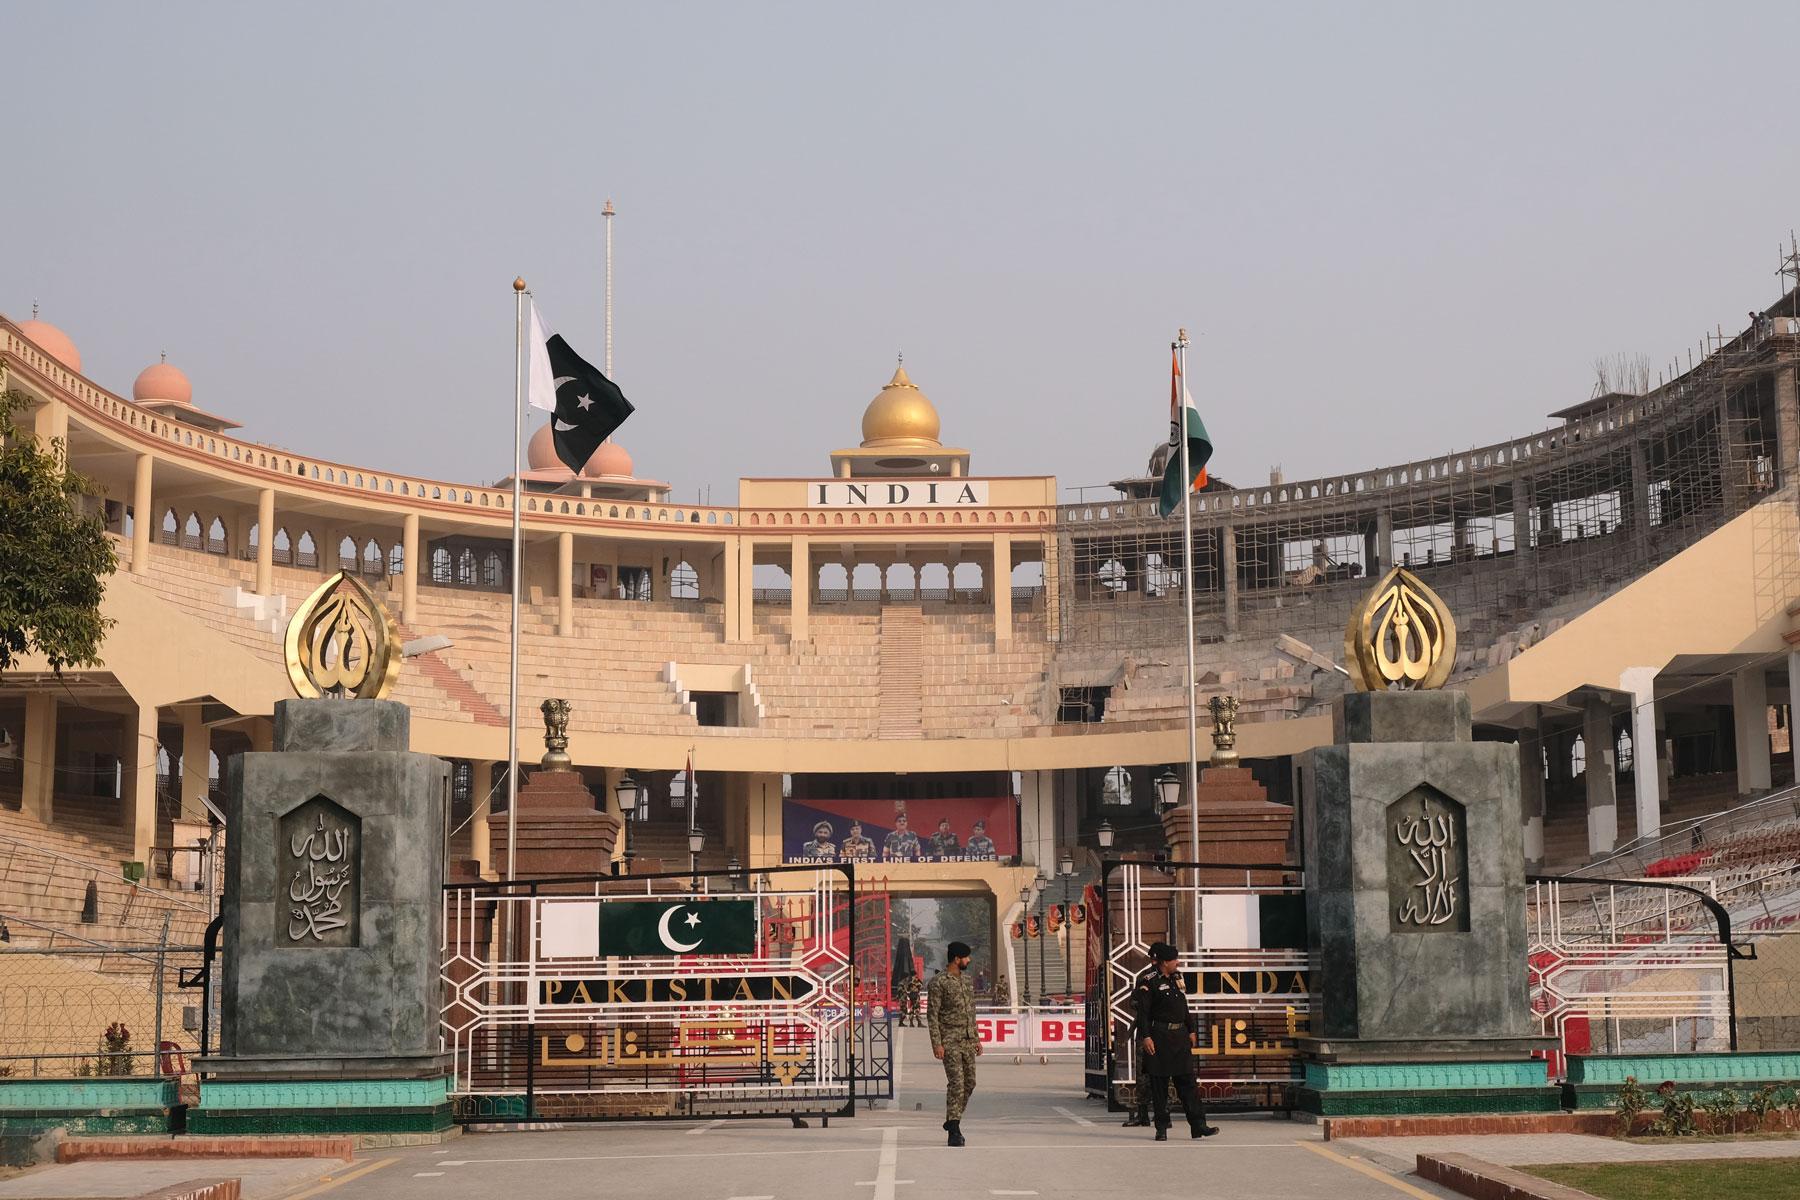 Wo gestern die Grenzschließungszeremonie aufgeführt wurde, dürfen wir nun zu Fuß von Pakistan nach Indien einreisen